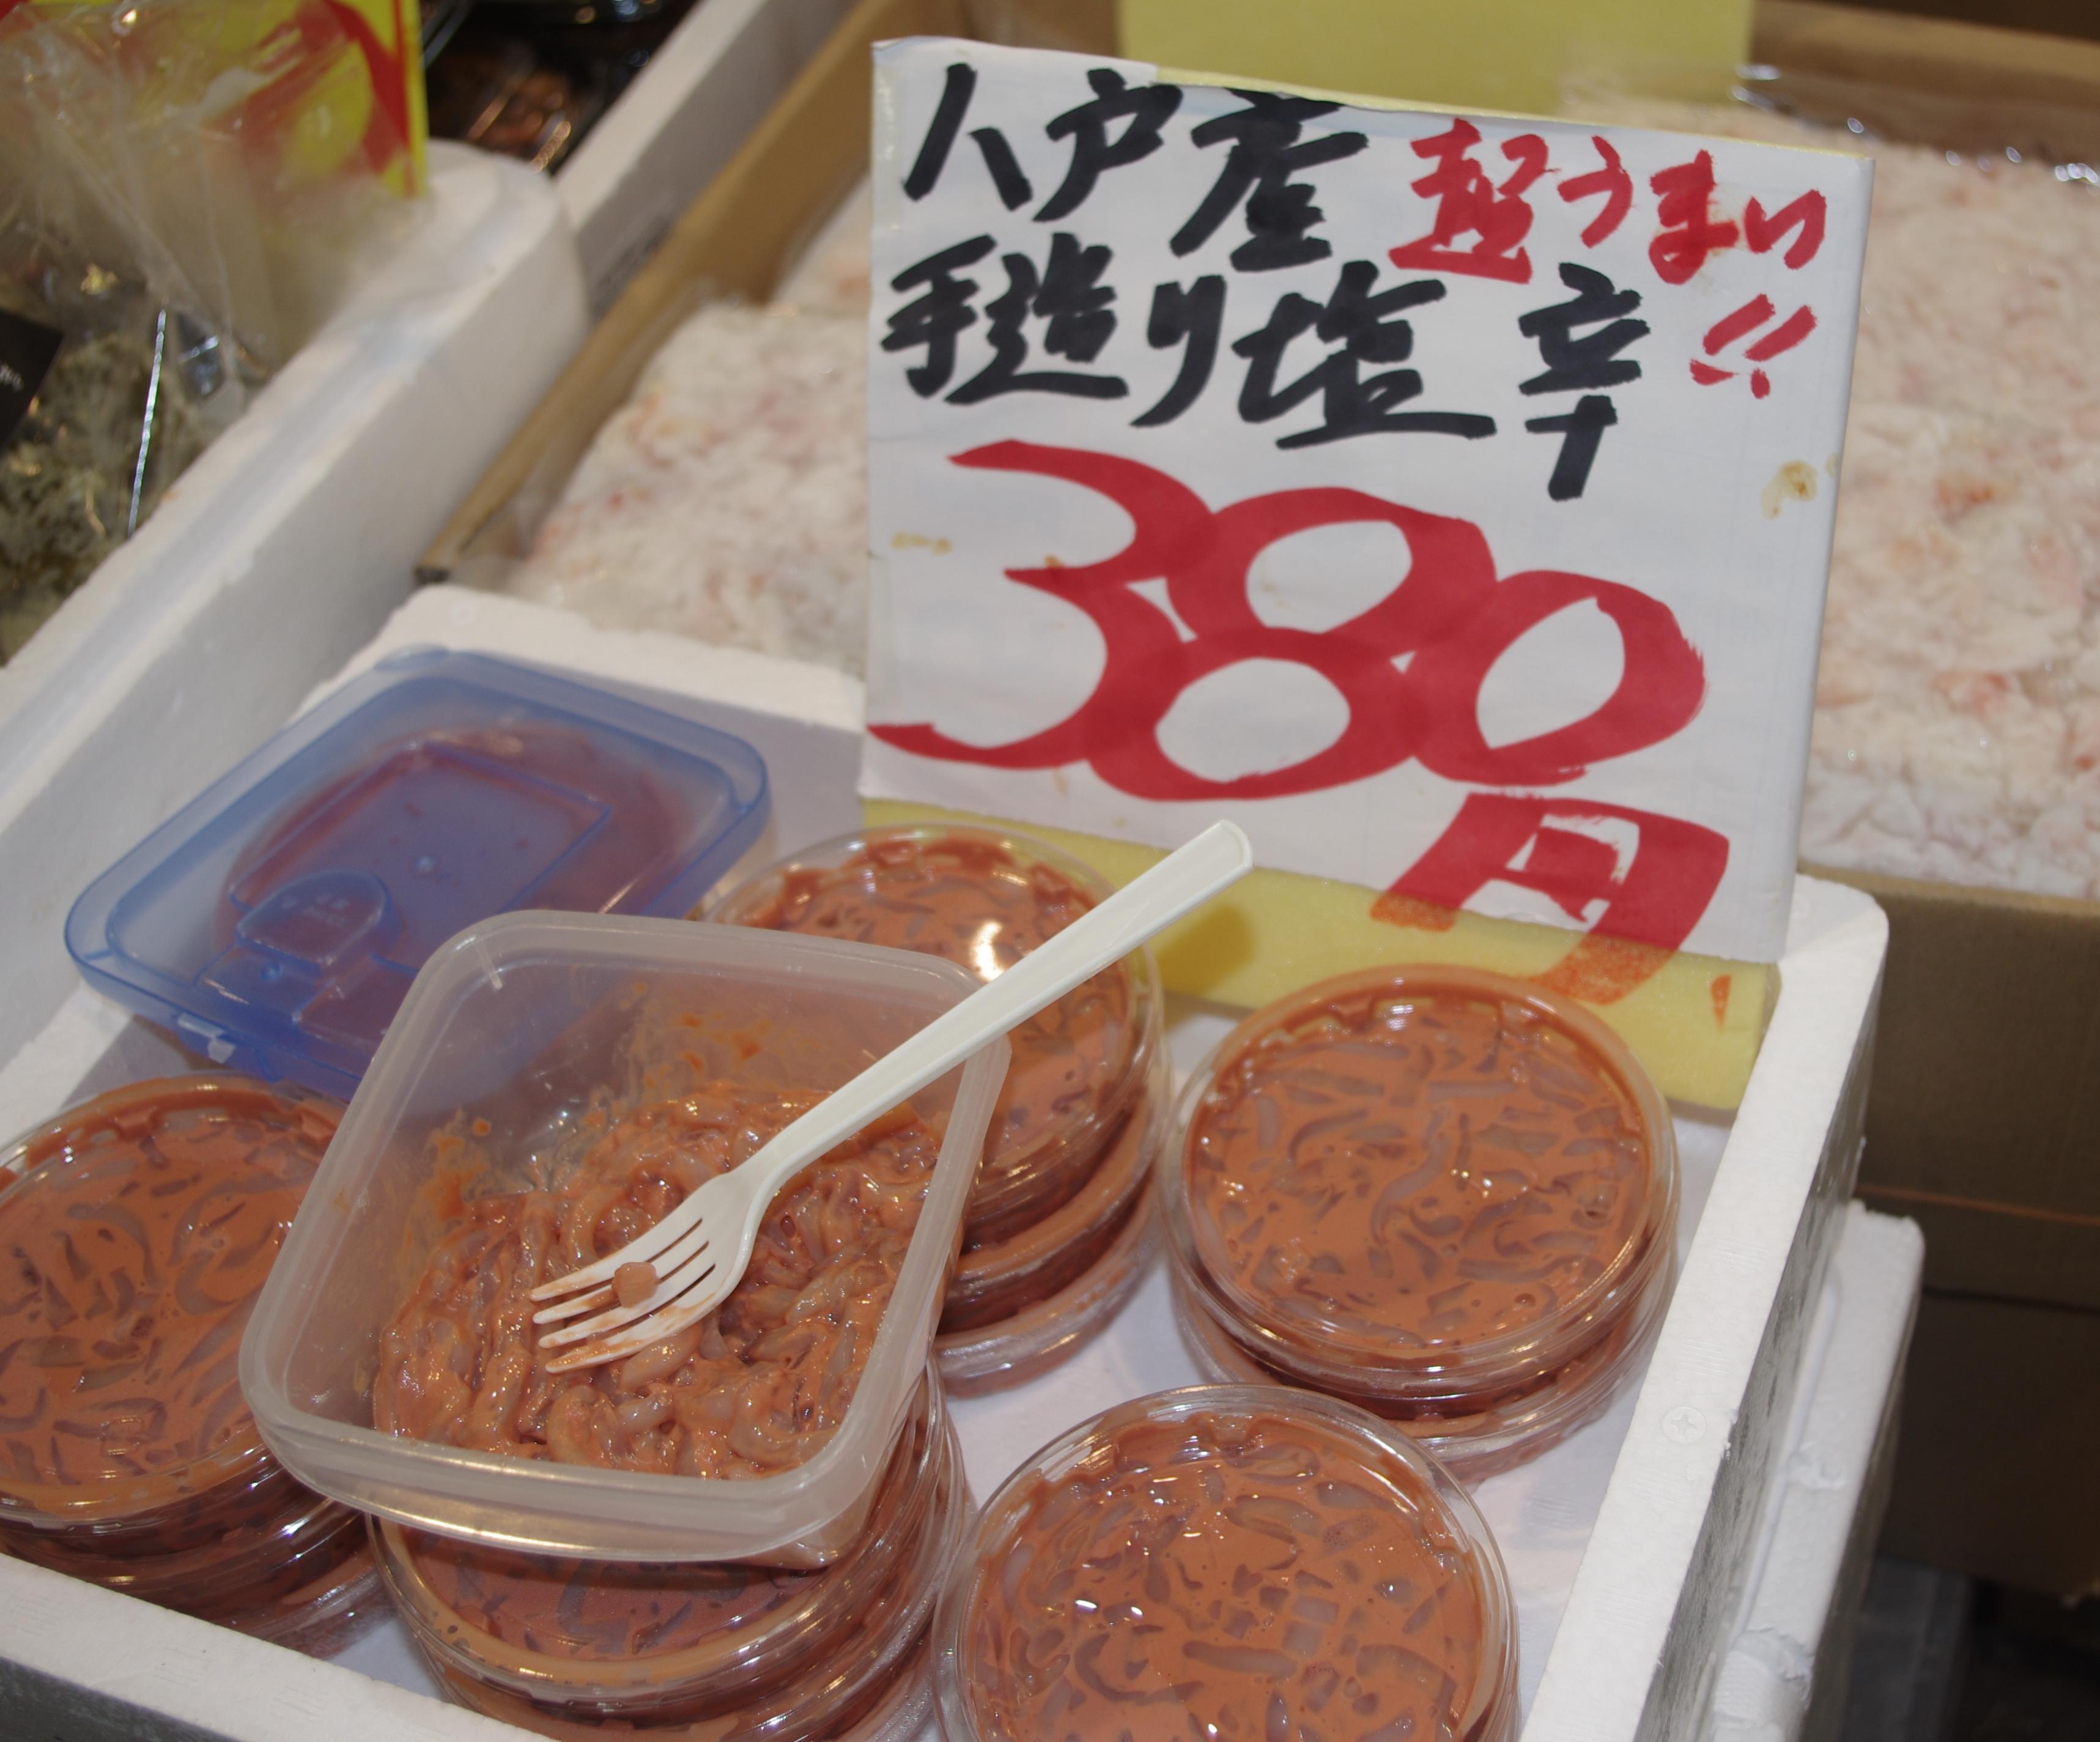 【公式ガイド】川崎北部市場の水産棟で年末の買い出し!一般客も大丈夫